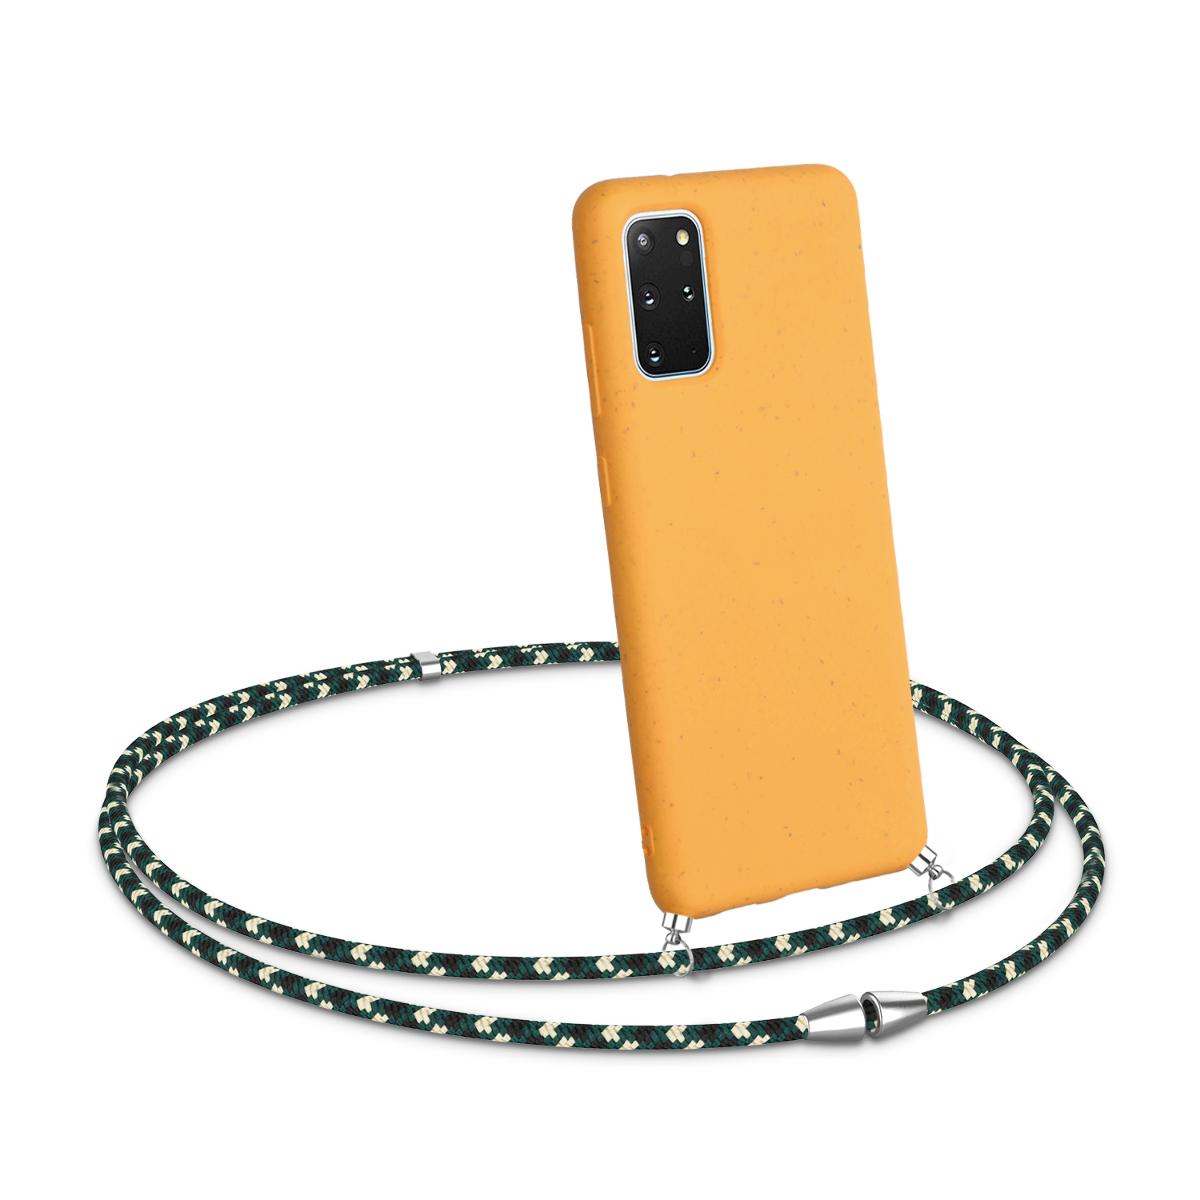 Medově žluté silikonové pouzdro / obal kolem krku pro Samsung S20 Plus